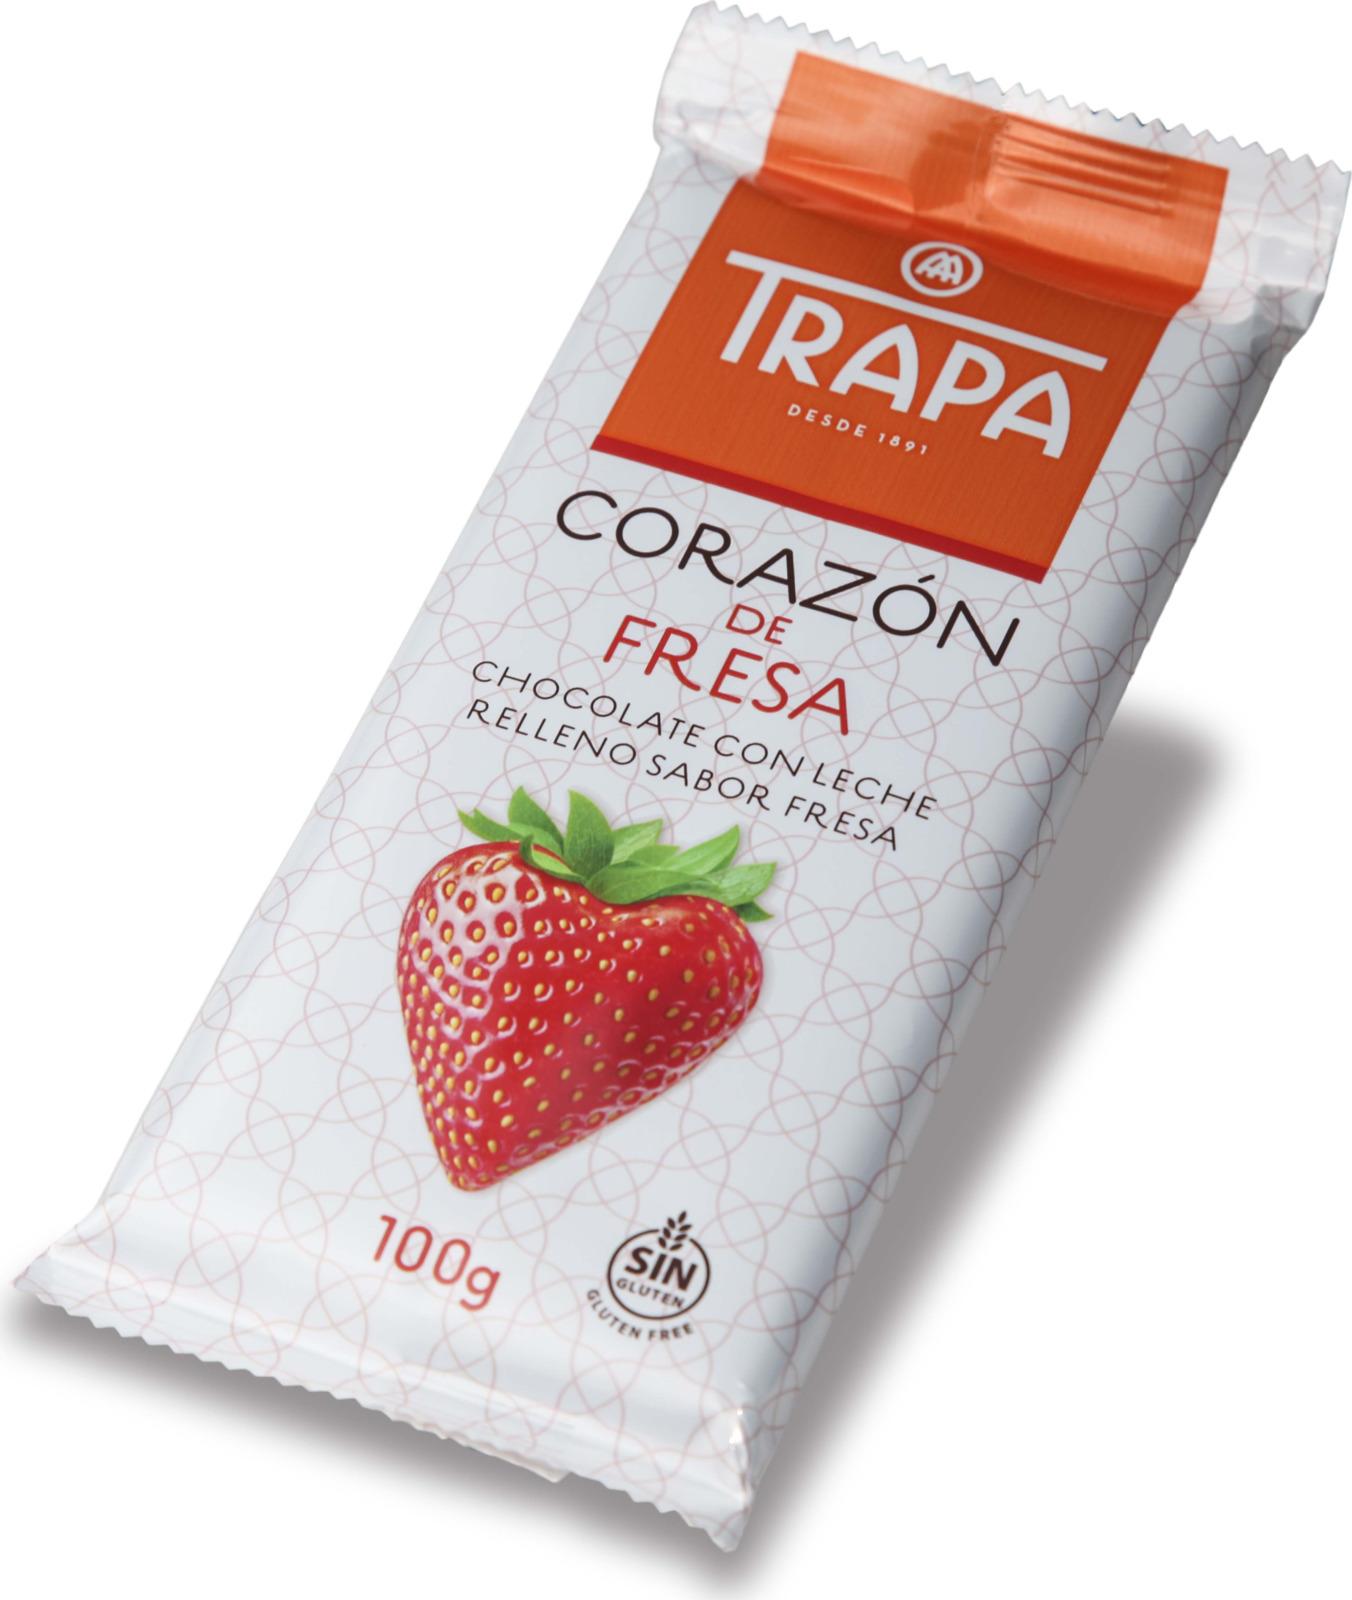 Молочный шоколад Trapa Corazоn Bar, с клубничной начинкой, 100 г кремлина мамапапа флами микс подушечки 5 злаков с помадной начинкой в клубничной и йогуртовой глазури 140 г